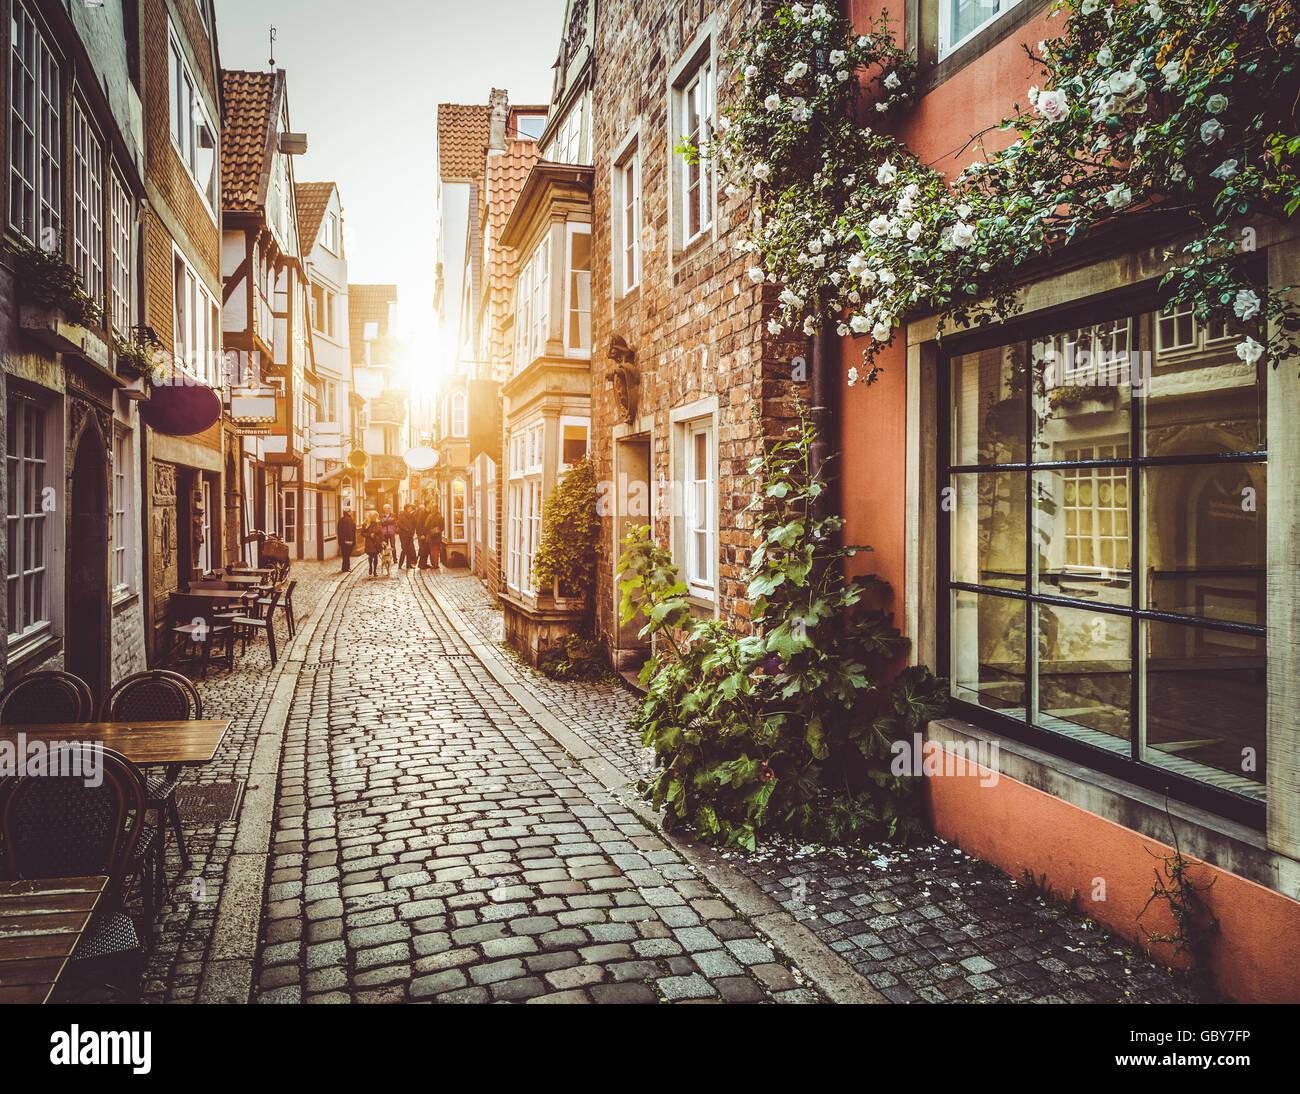 Bezaubernde Altstadt in Europa im schönen goldenen Abendlicht bei Sonnenuntergang im Sommer mit Retro-Vintage Stockbild